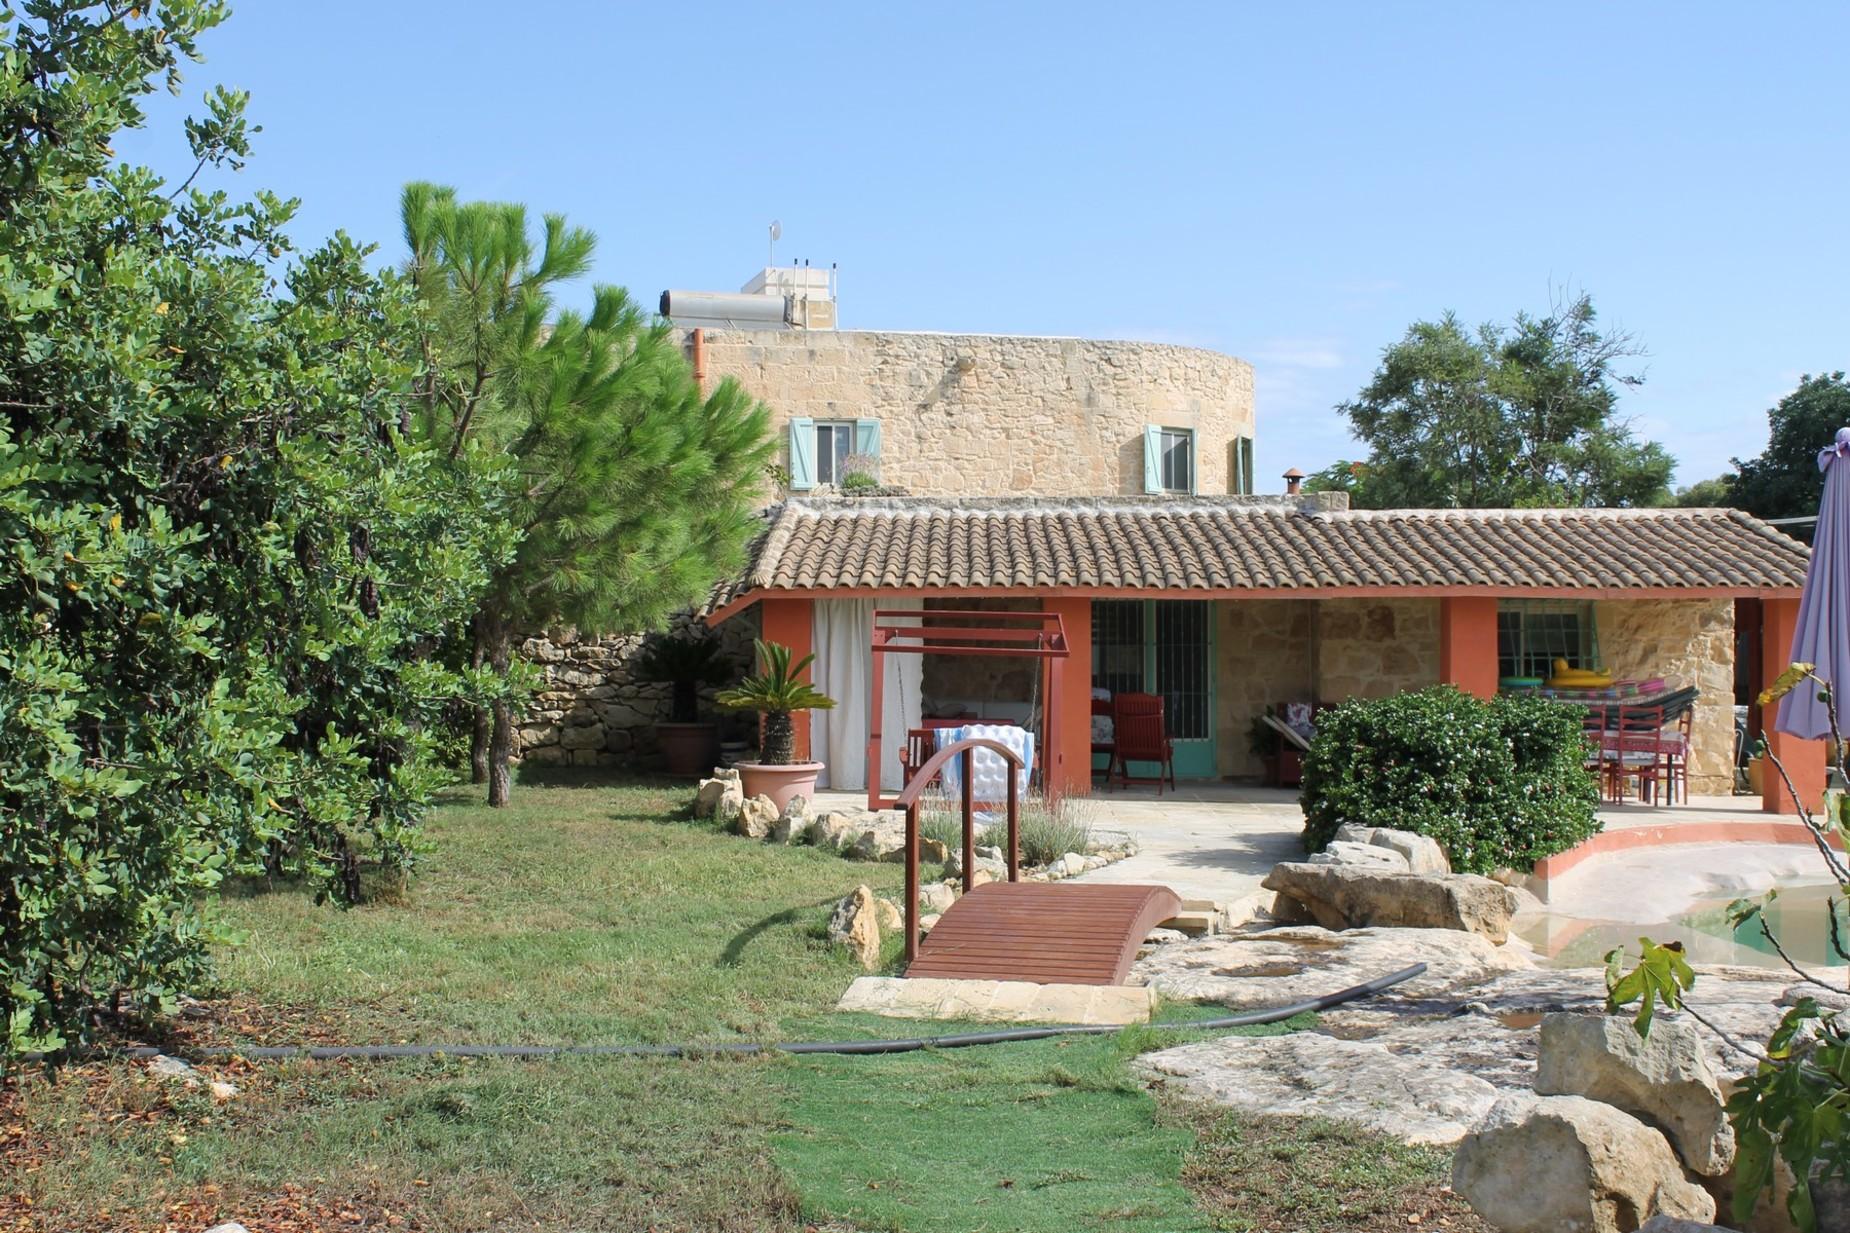 4 bed Villa For Sale in Zurrieq, Zurrieq - thumb 2